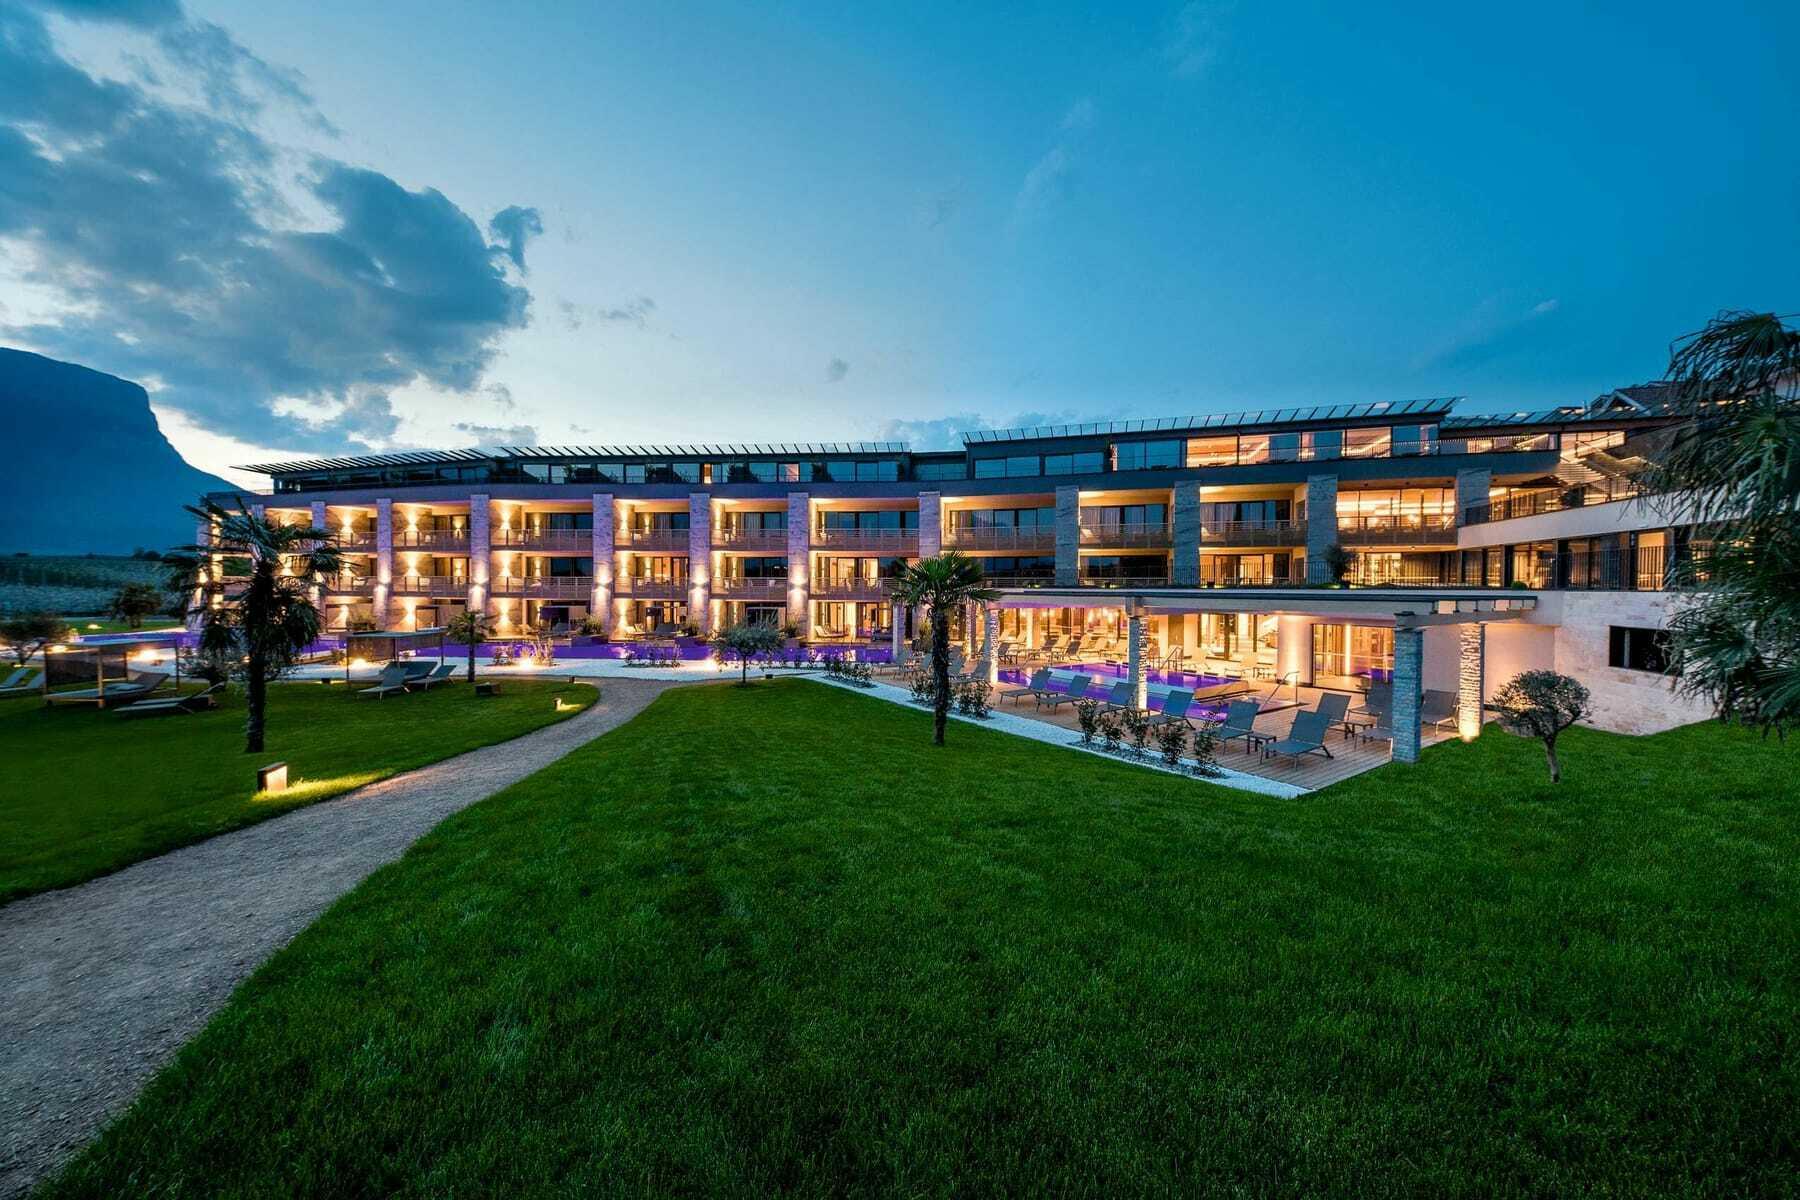 Blick auf fassade Hotel Weinegg